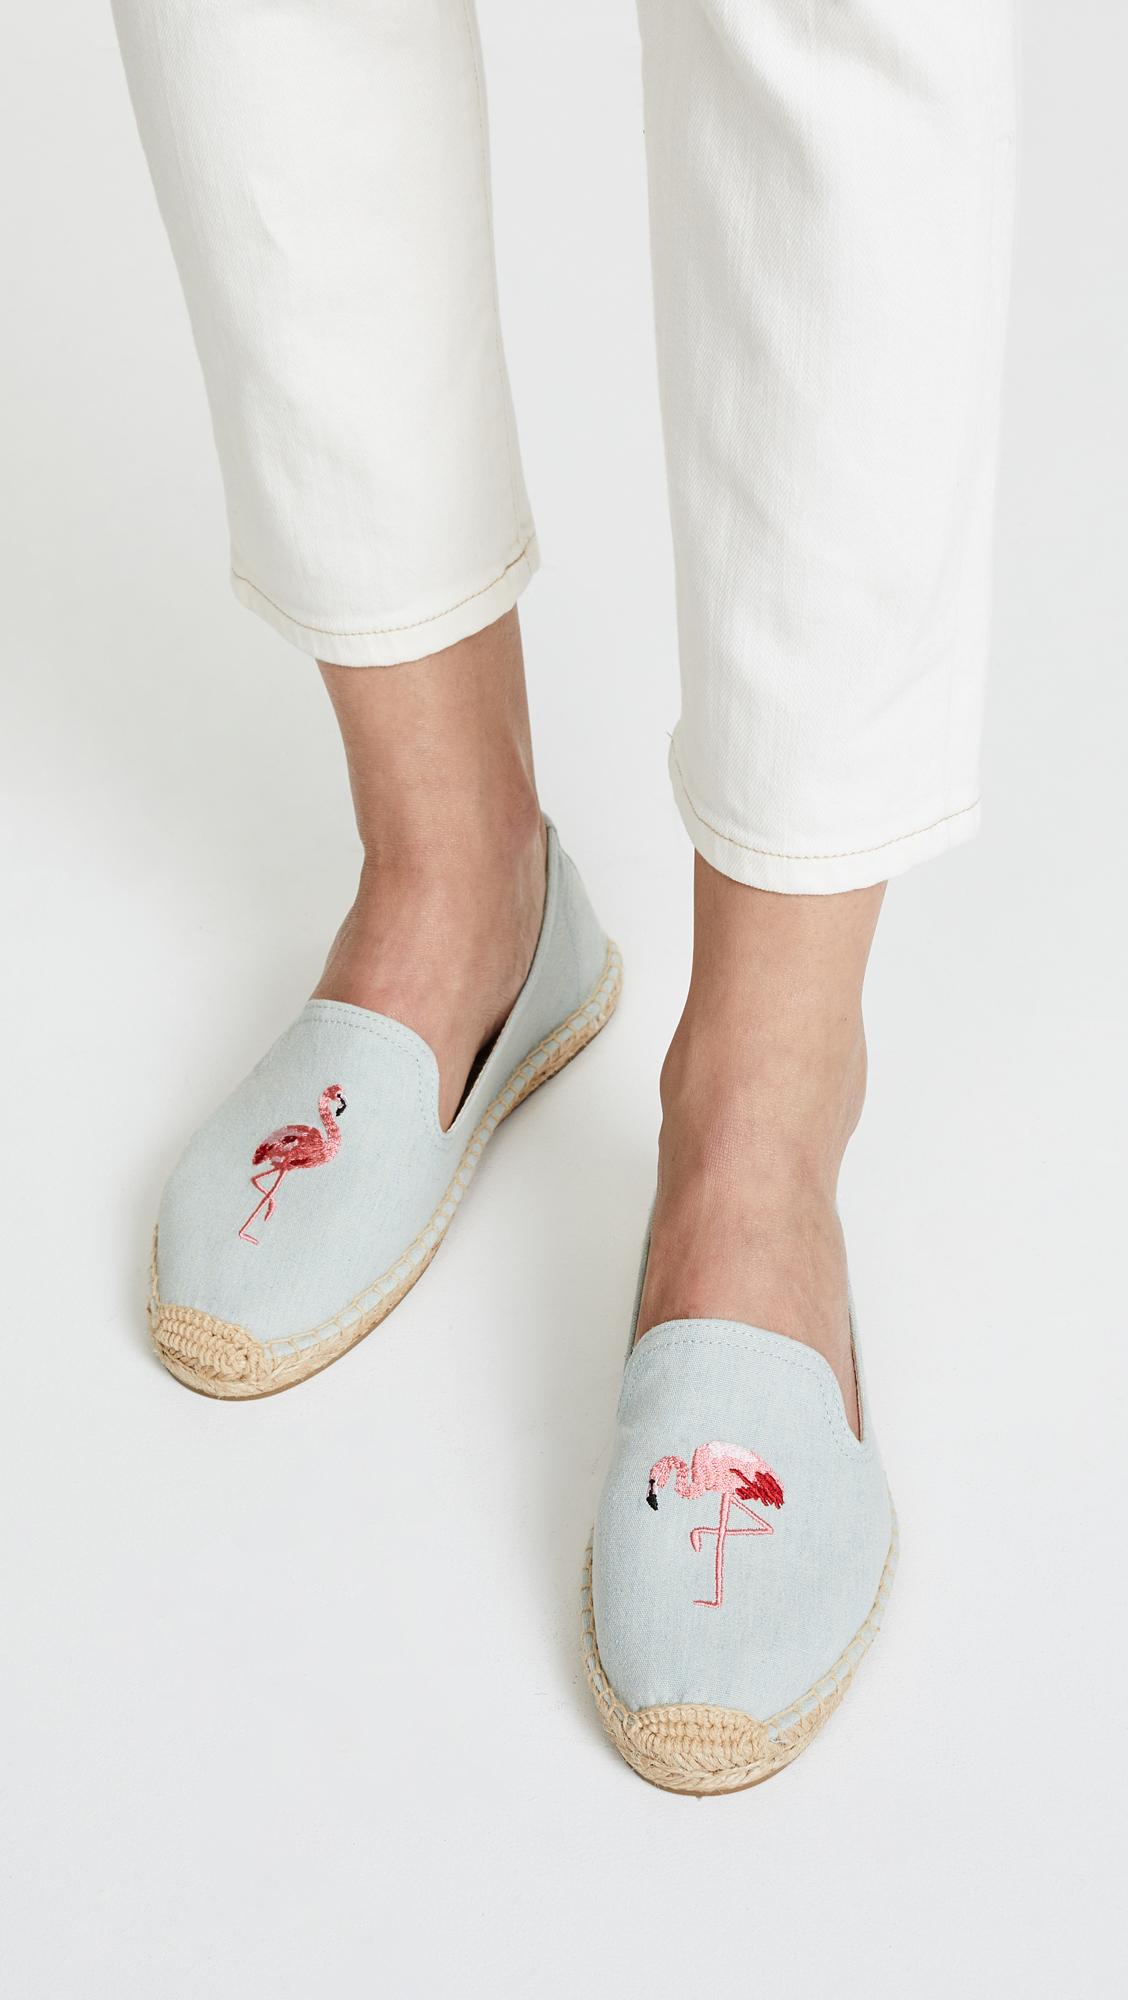 797d6bcff46 Soludos Flamingo Smoking Slipper Espadrilles | SHOPBOP